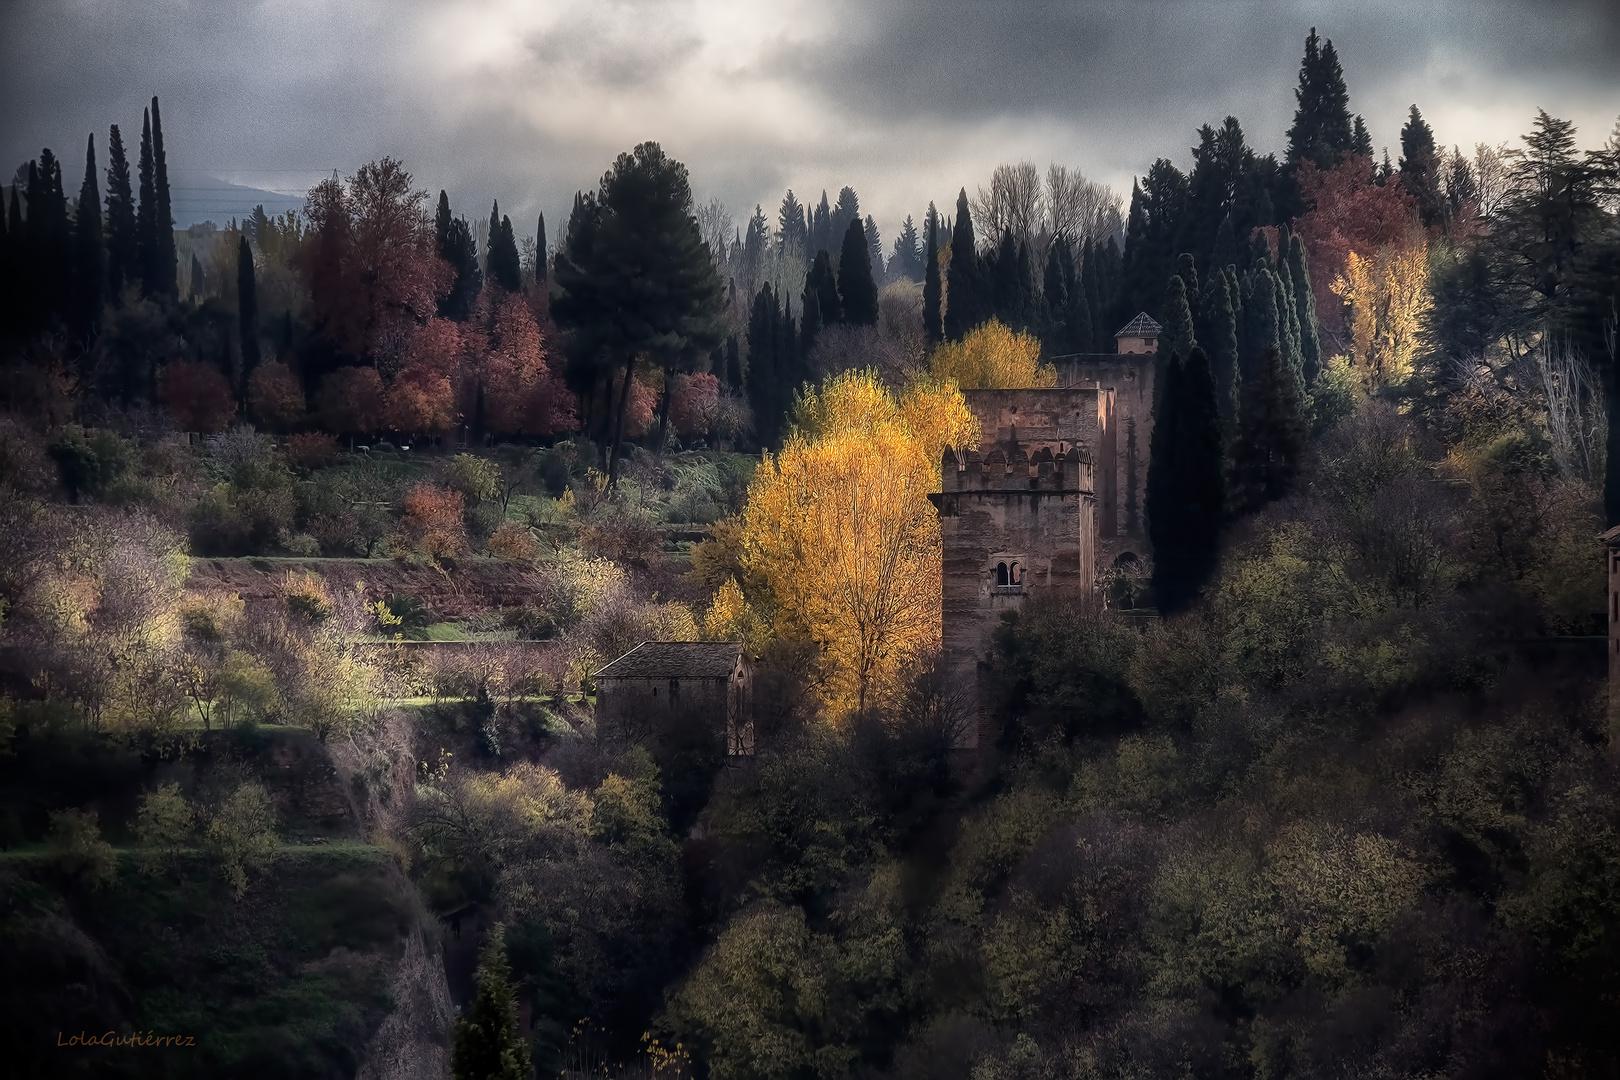 Otoño en el bosque de la Alhambra